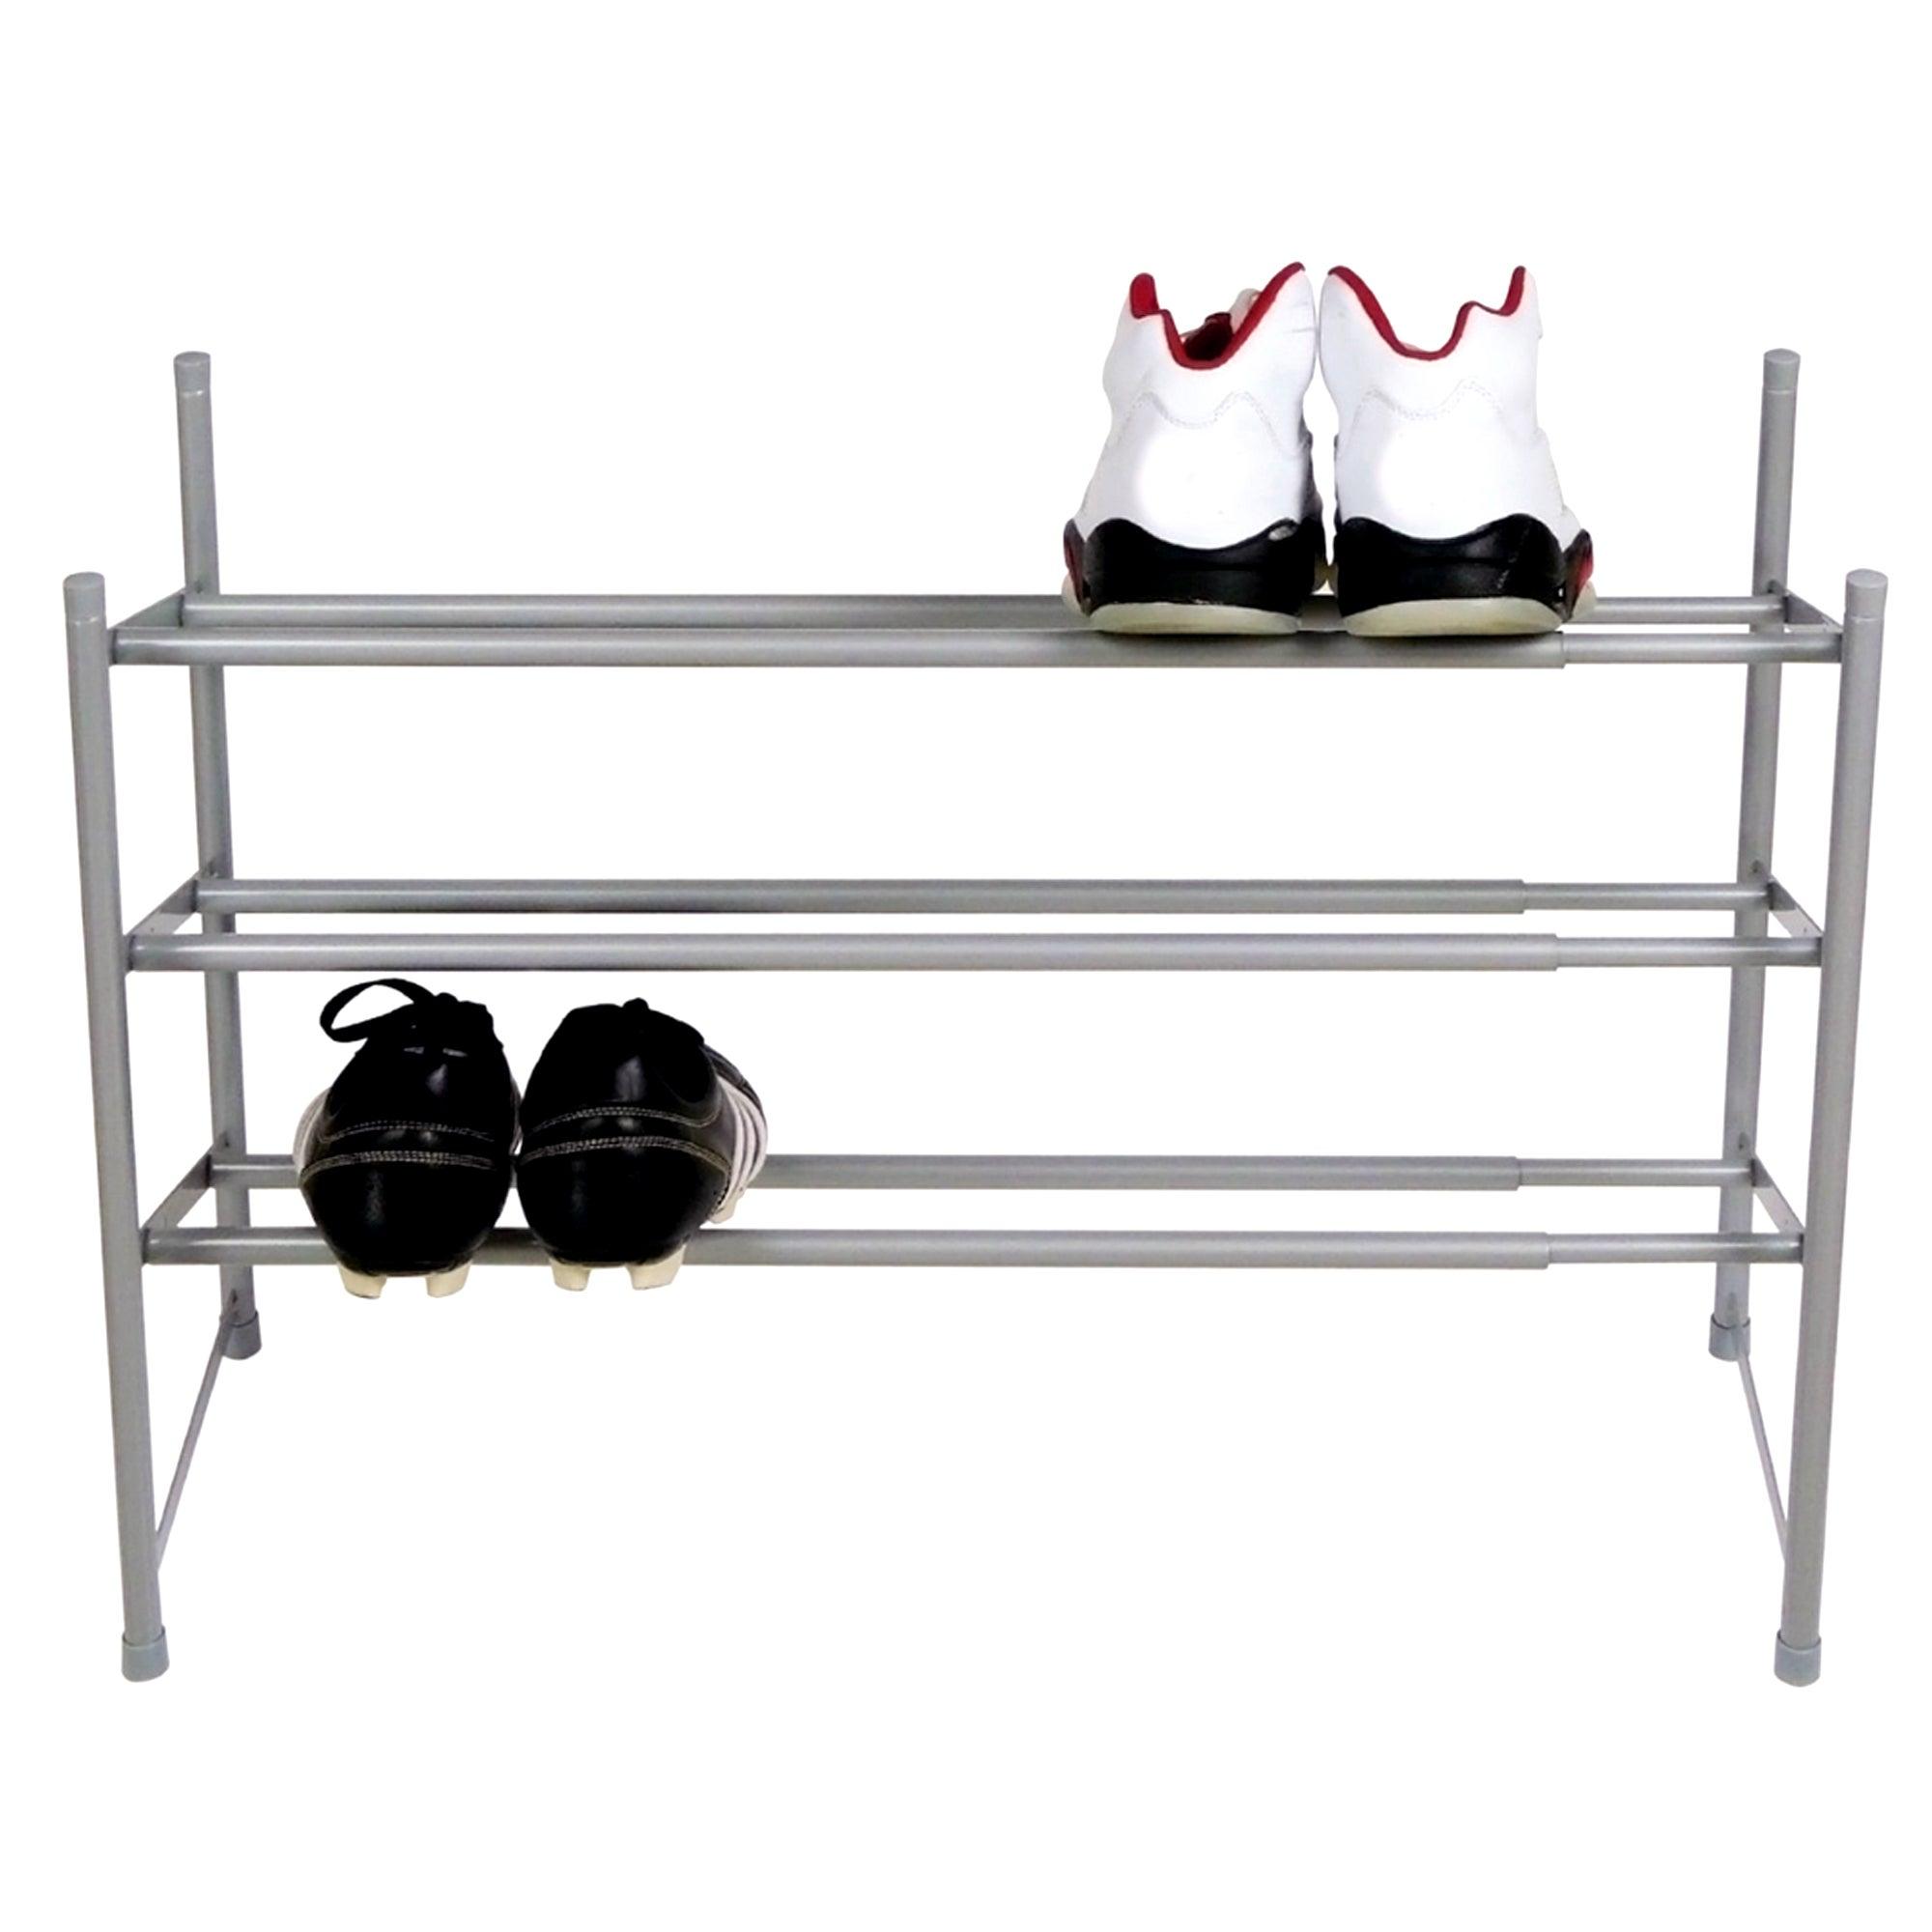 silver 3 tier extending shoe rack. Black Bedroom Furniture Sets. Home Design Ideas